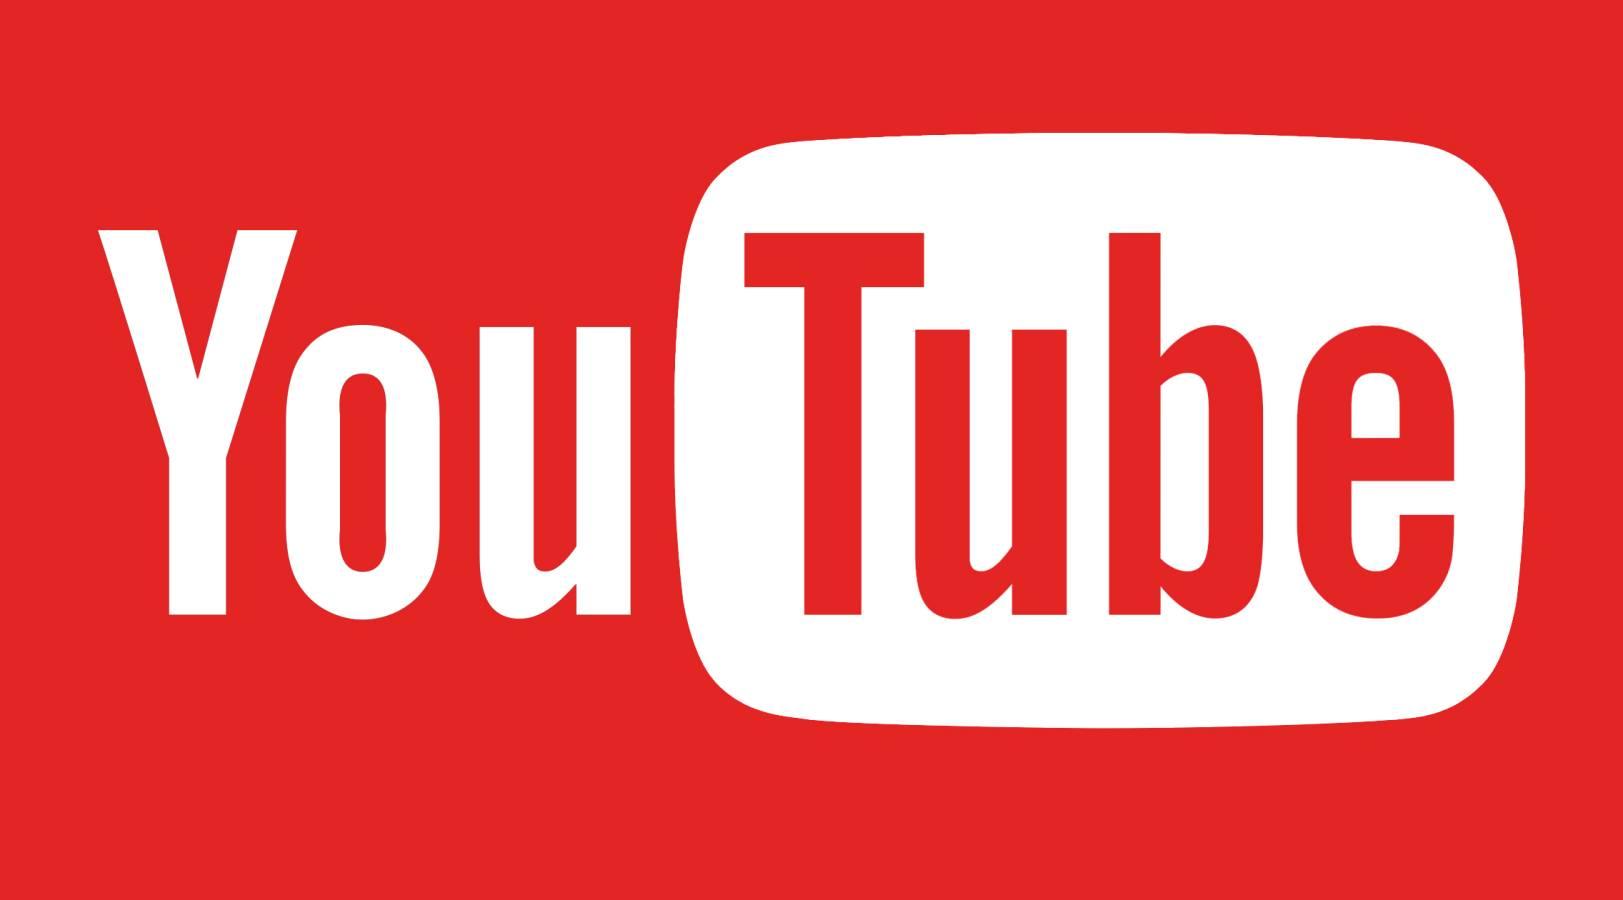 youtube update app store utilizatori